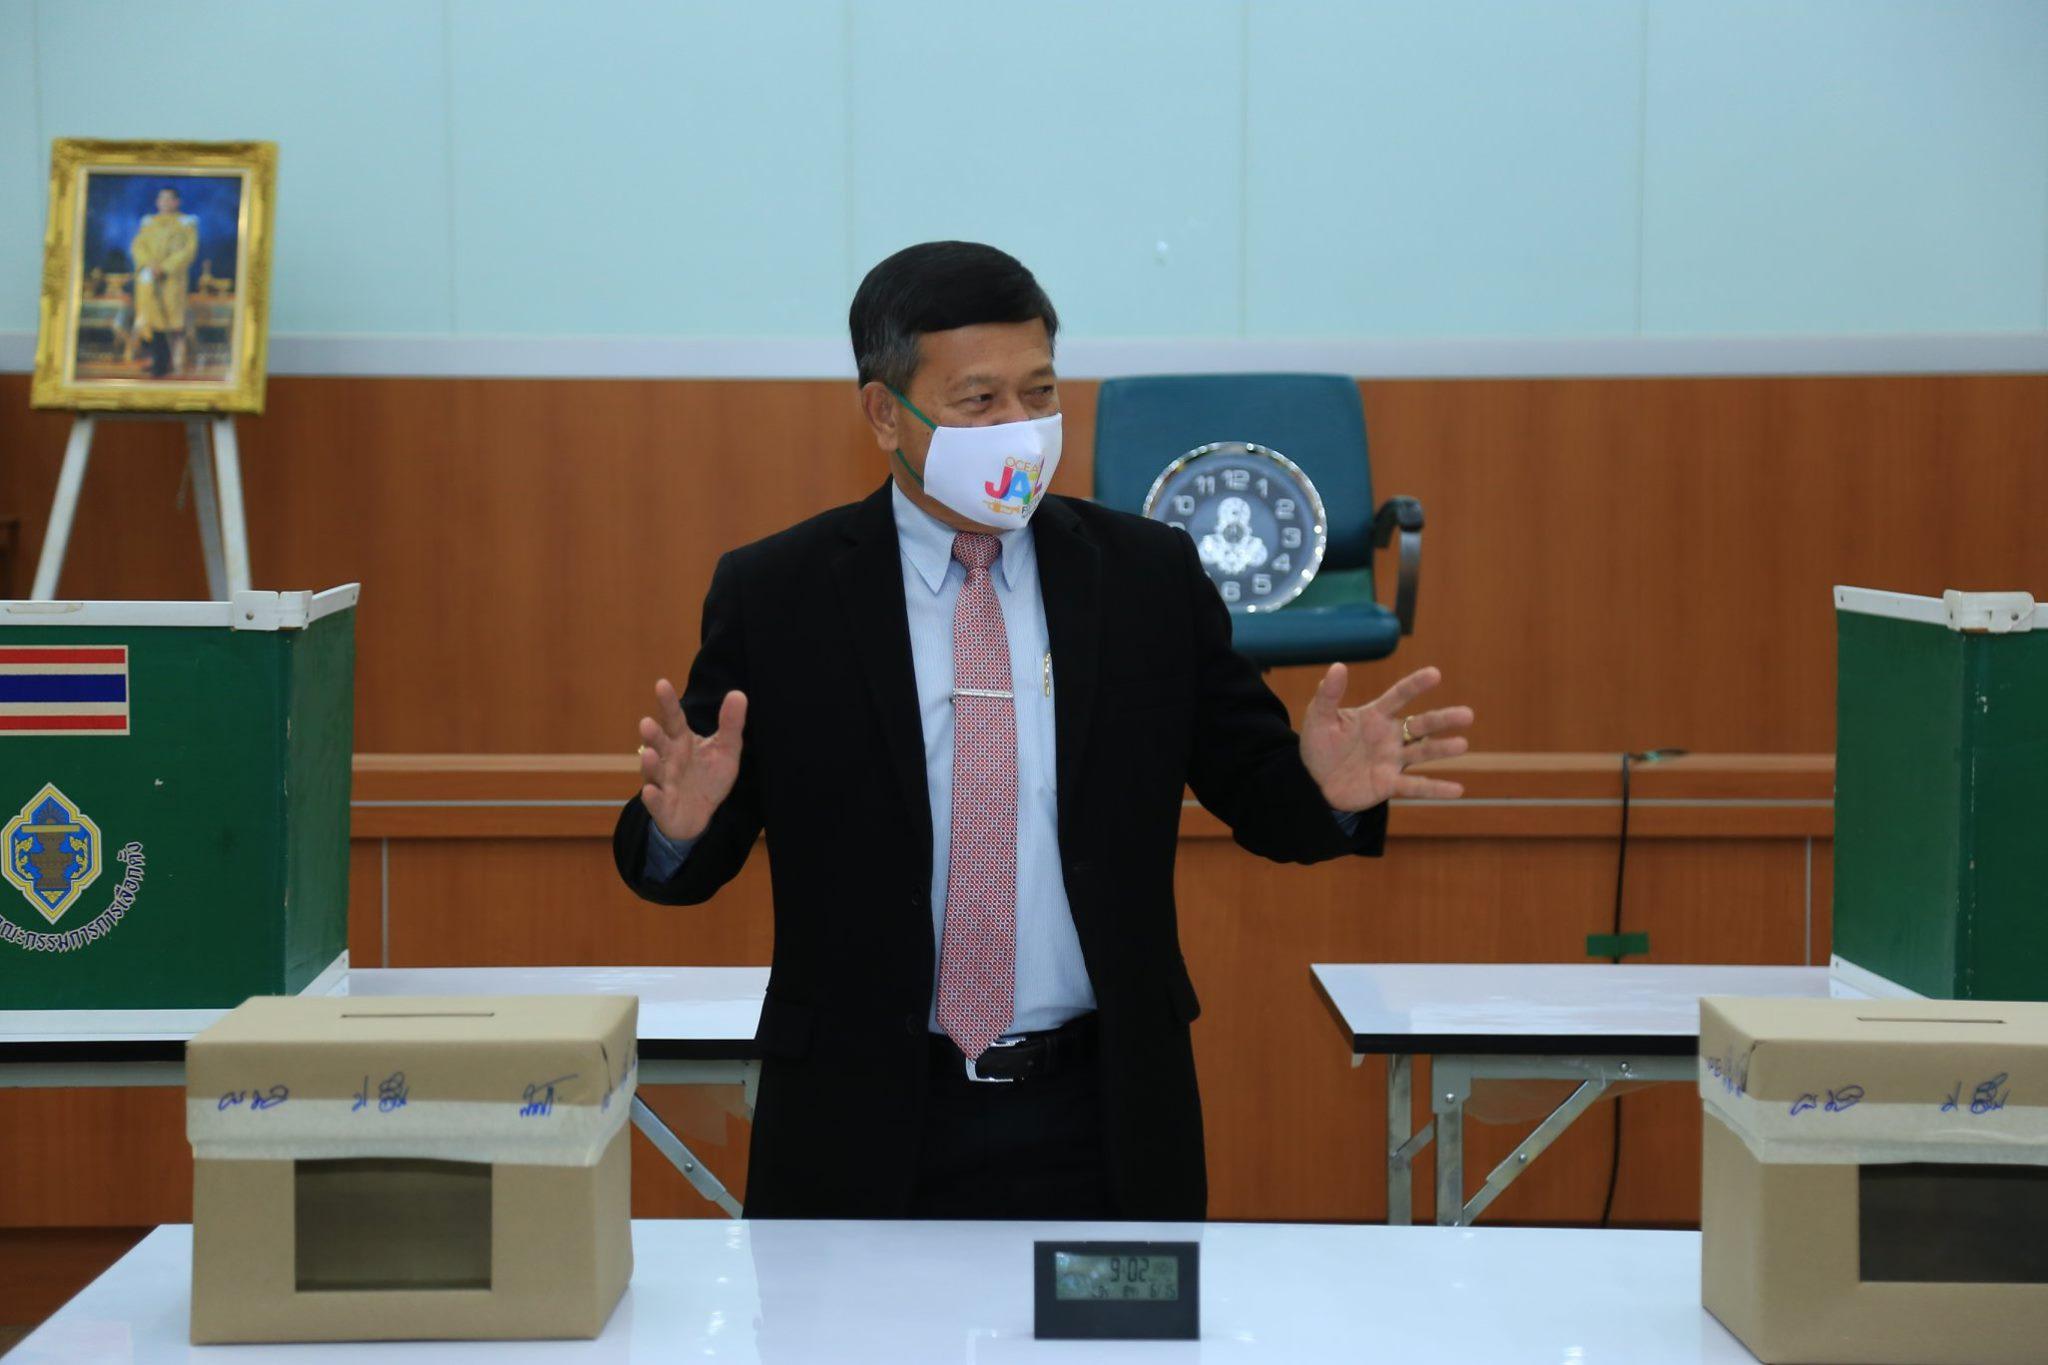 ผศ.ดร.ประยูร ลิ้มสุข อธิการบดีมหาวิทยาลัยราชภัฏเพชรบูรณ์ ได้เป็นประธานการลงคะแนนรับเลือกตั้งกรรมการสภา